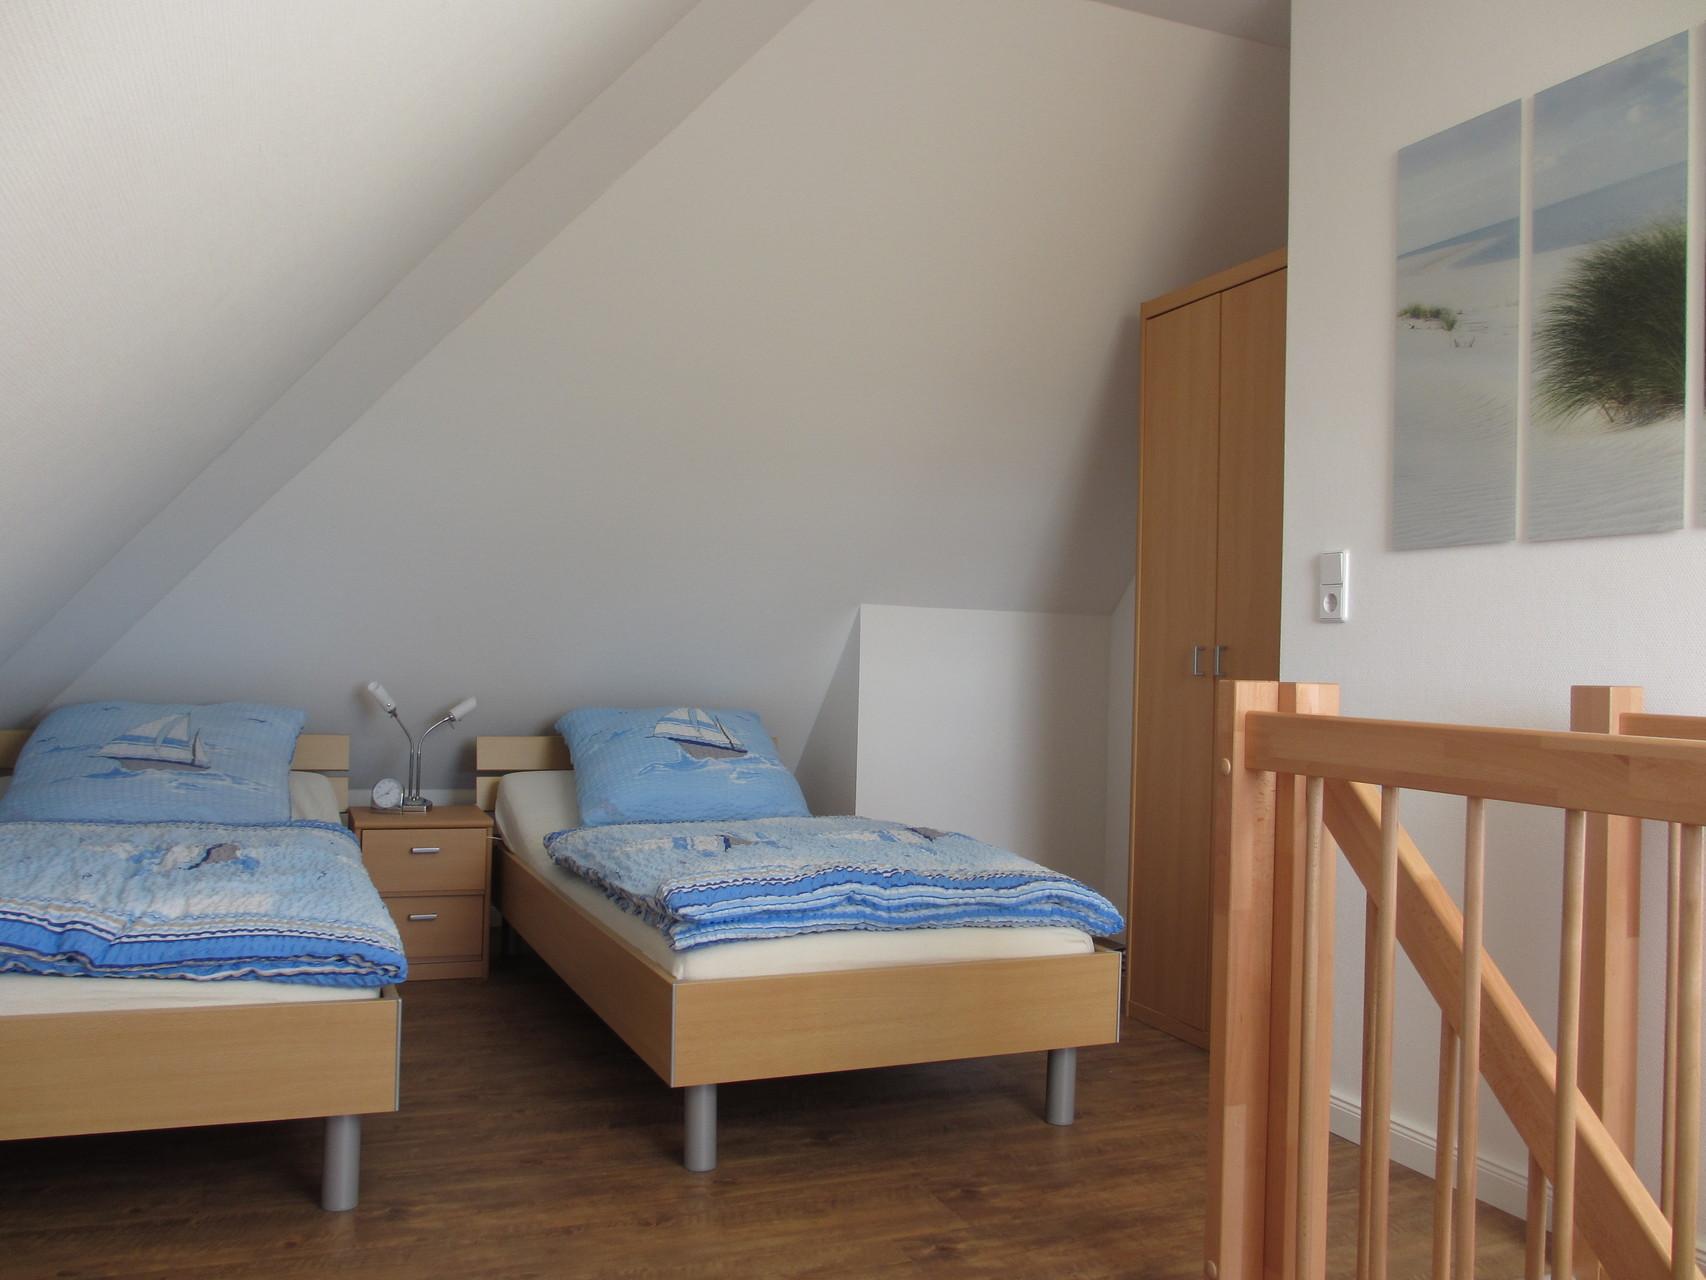 Galerie mit zwei Einzelbetten, können auch gerne zusammen gestellt werden